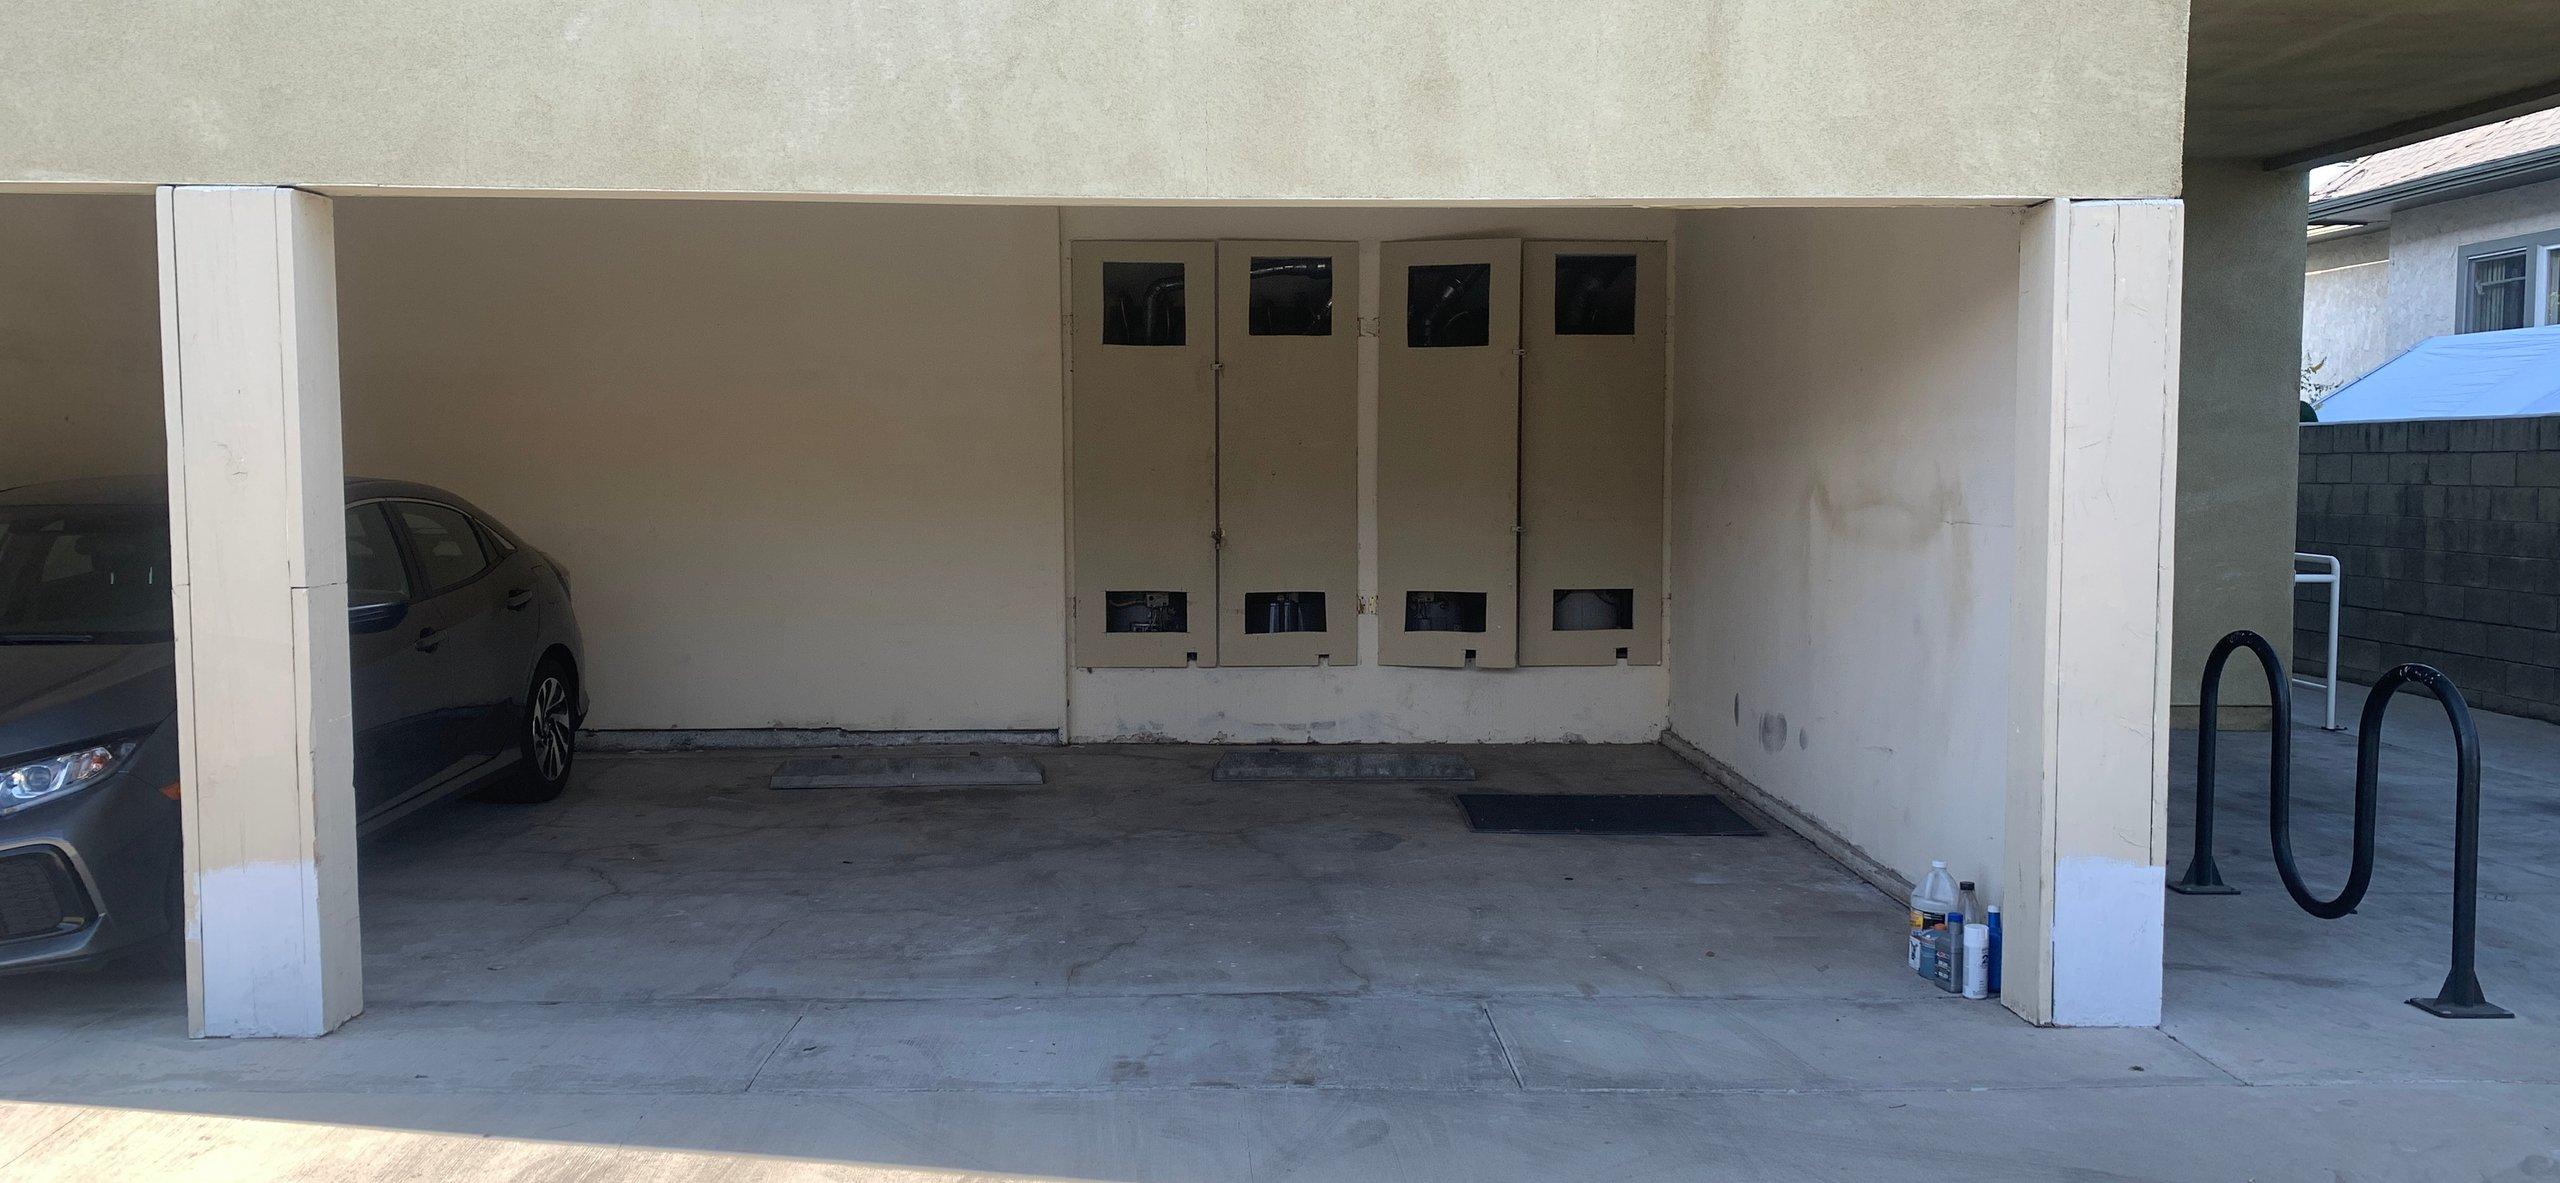 10x10 Carport self storage unit